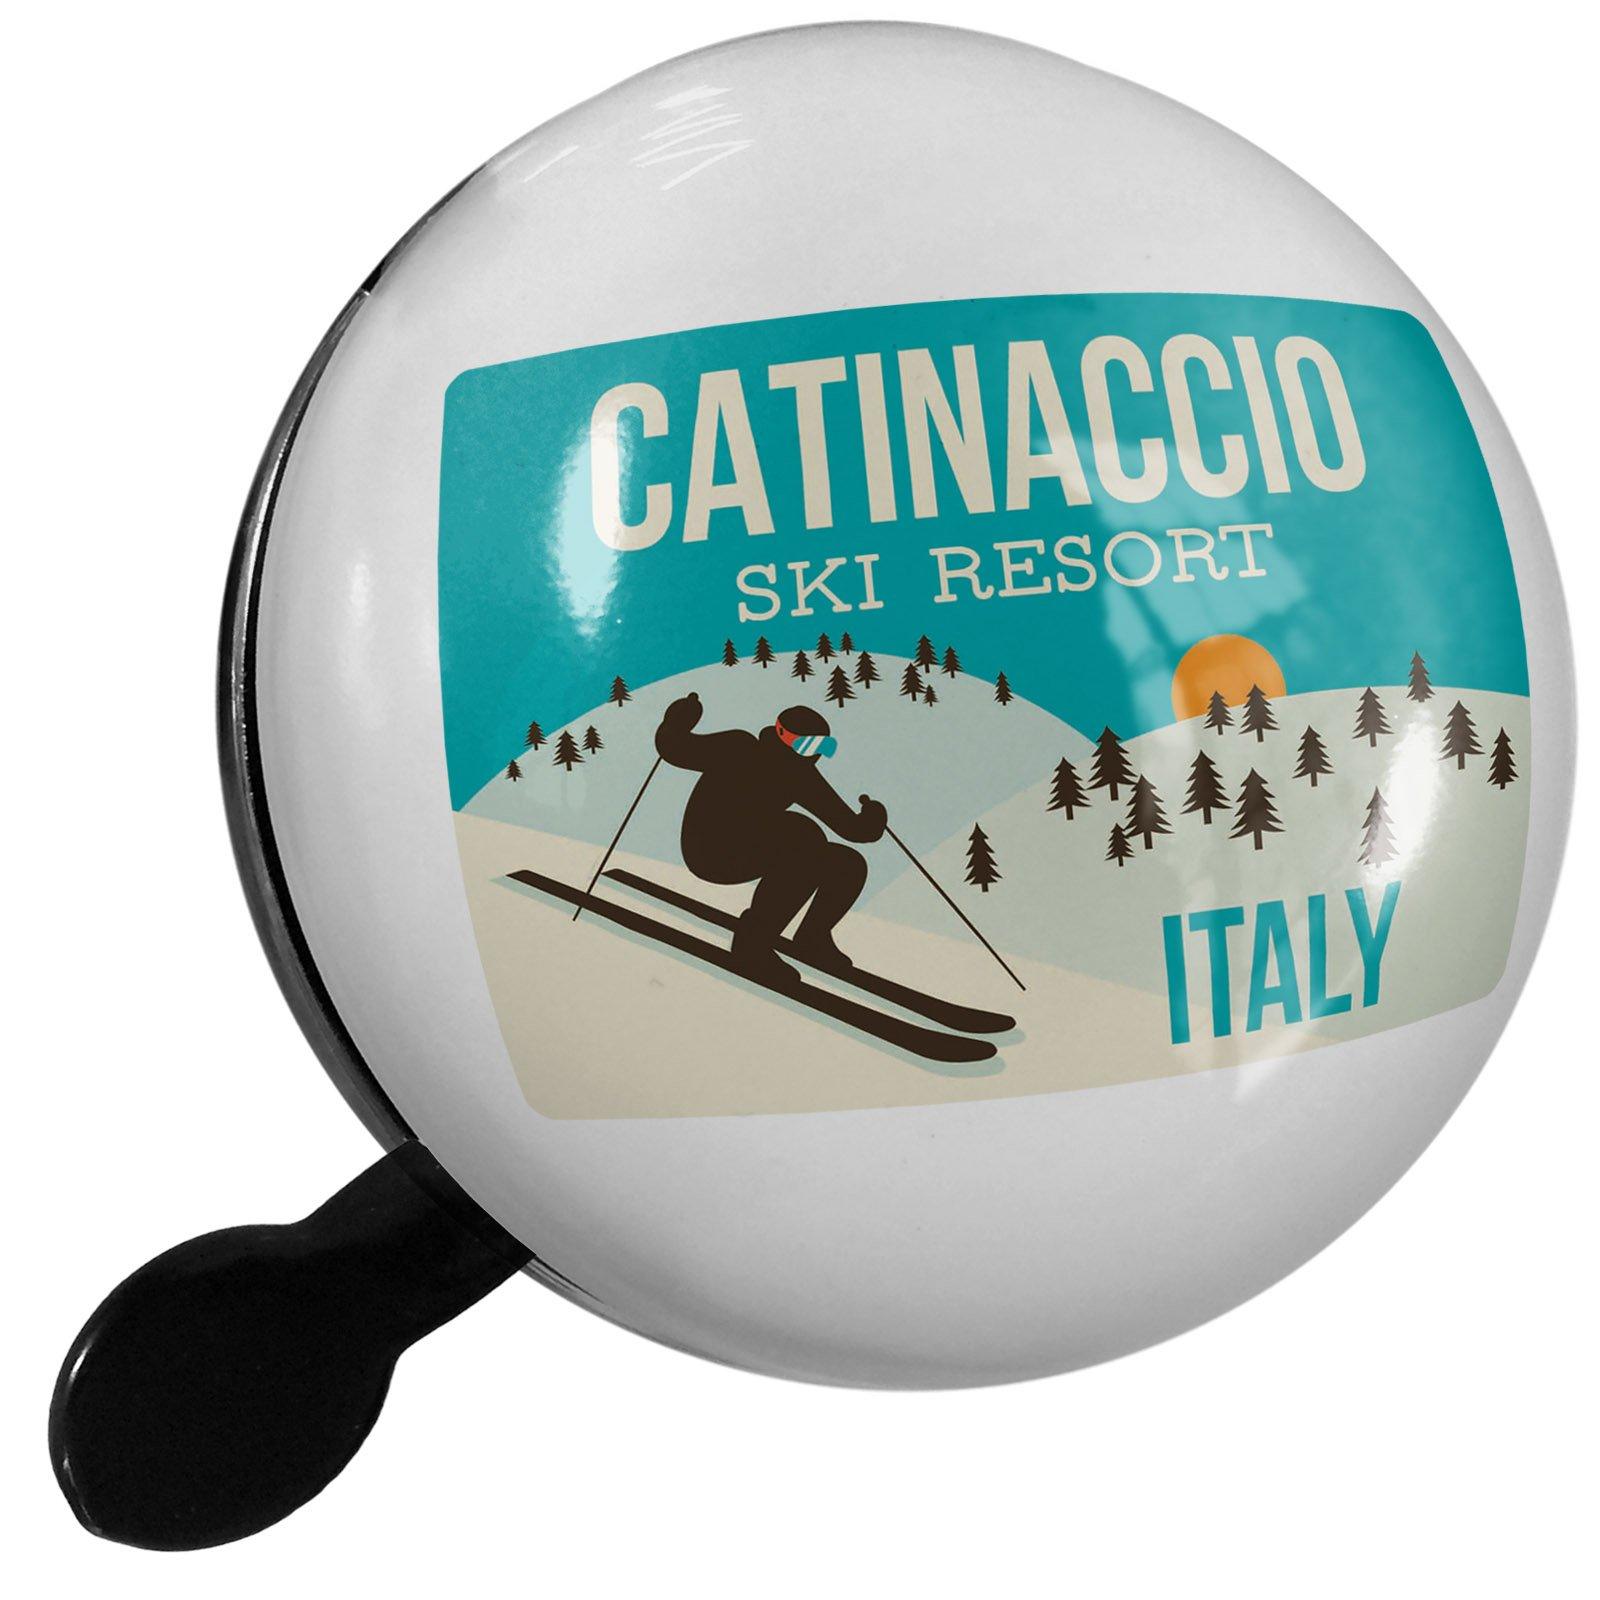 Small Bike Bell Catinaccio Ski Resort - Italy Ski Resort - NEONBLOND